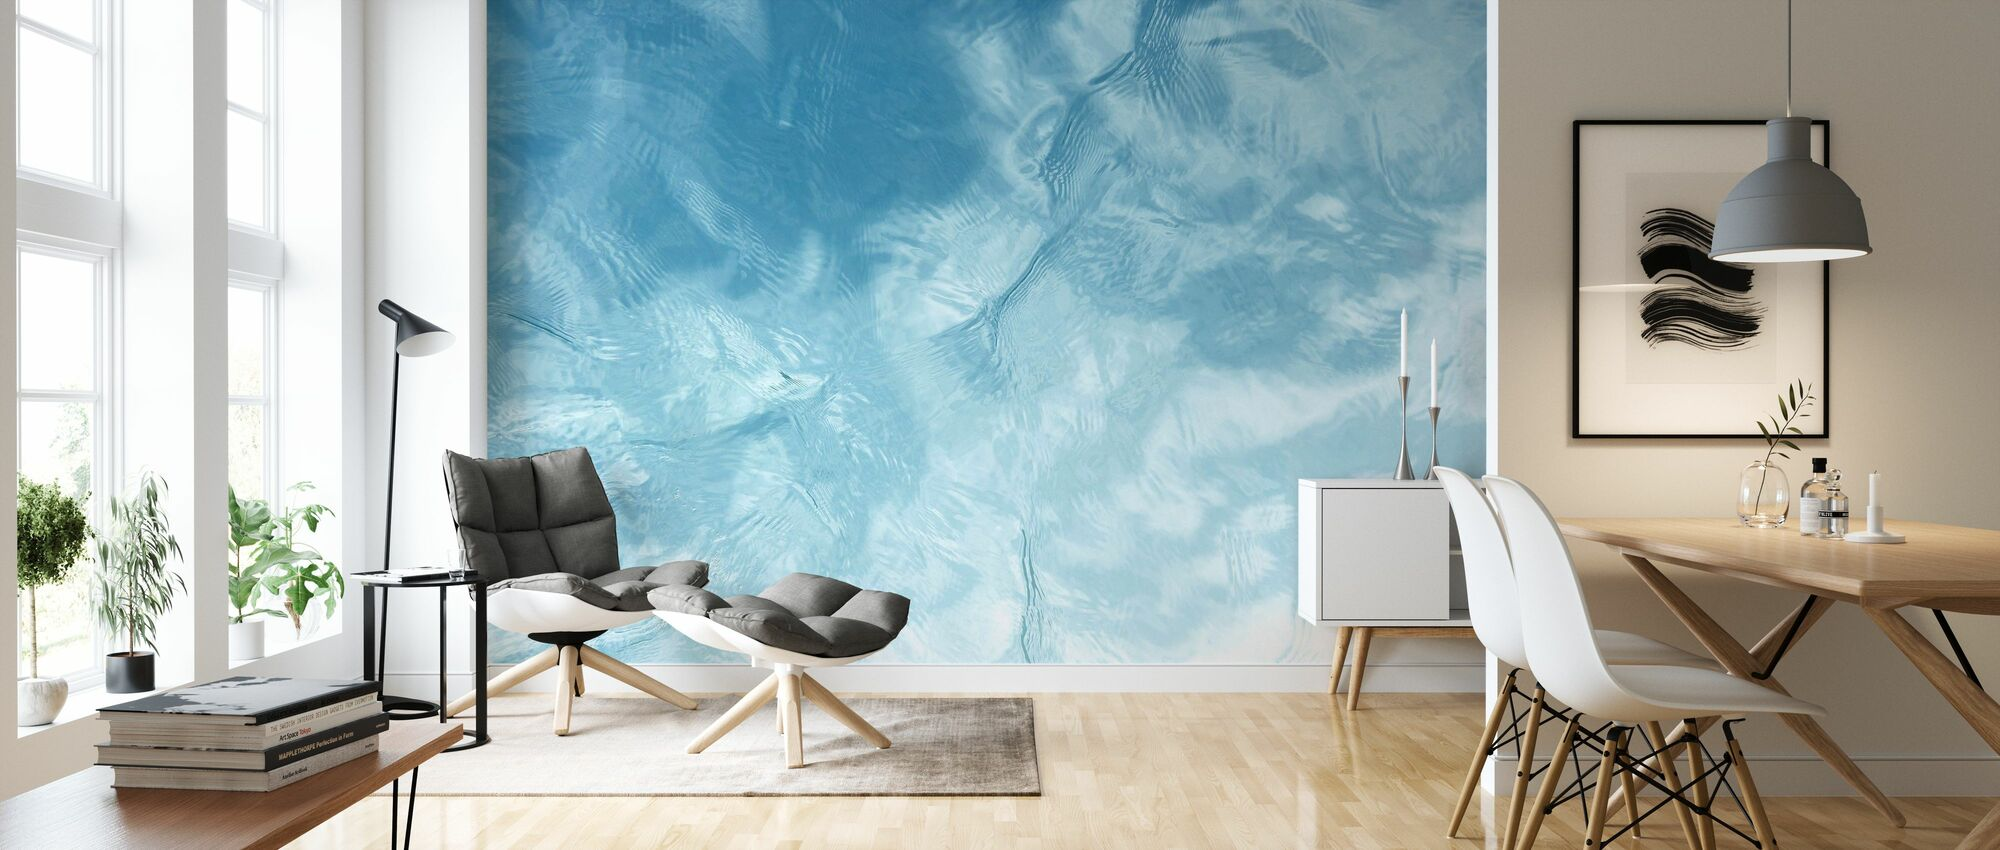 Blue Water Ripple - Wallpaper - Living Room